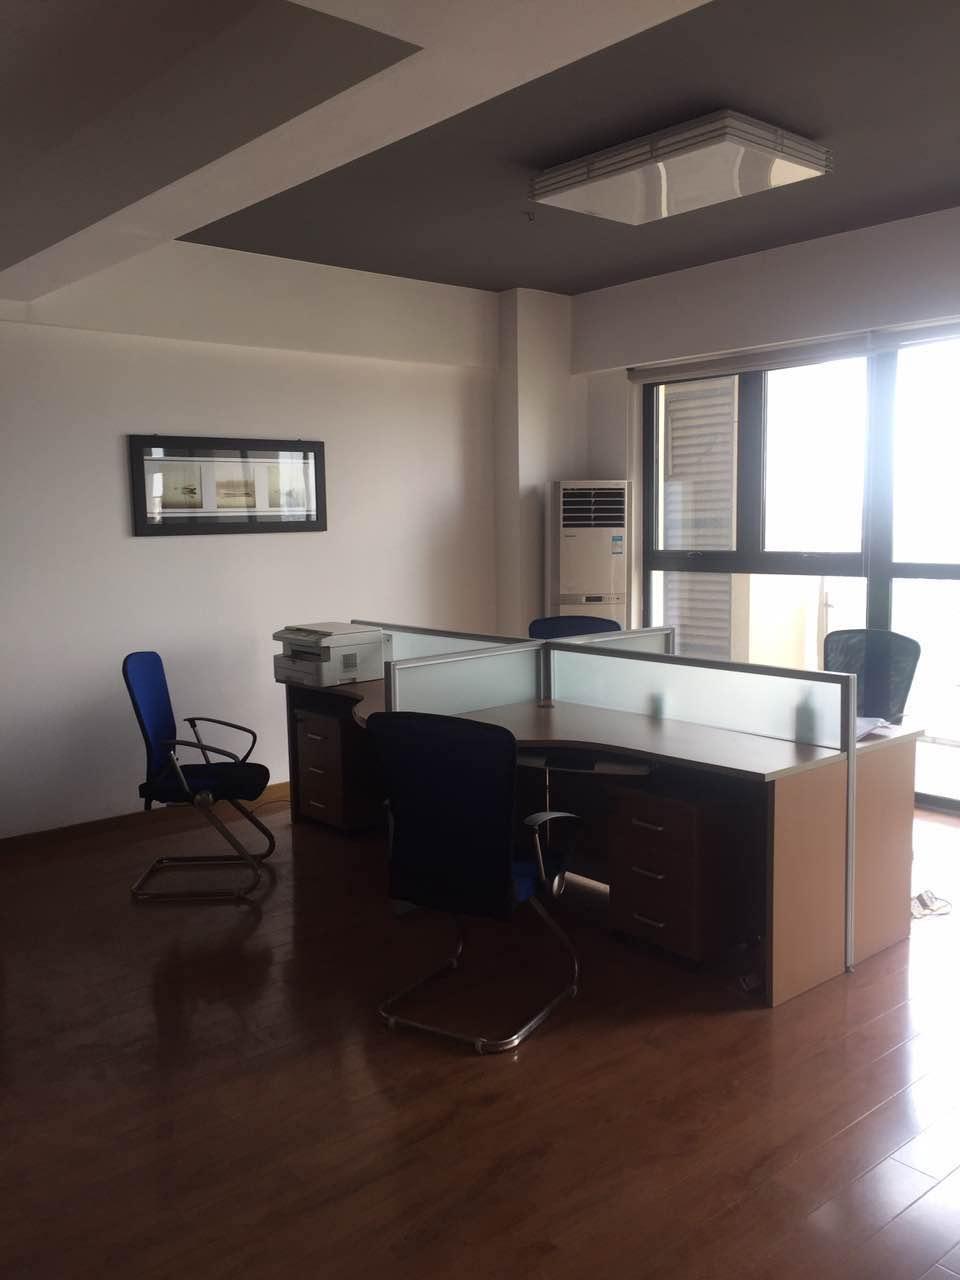 sharewell zhangjiagang imp exp llc fournisseur de la lumi re nominale de la chine. Black Bedroom Furniture Sets. Home Design Ideas